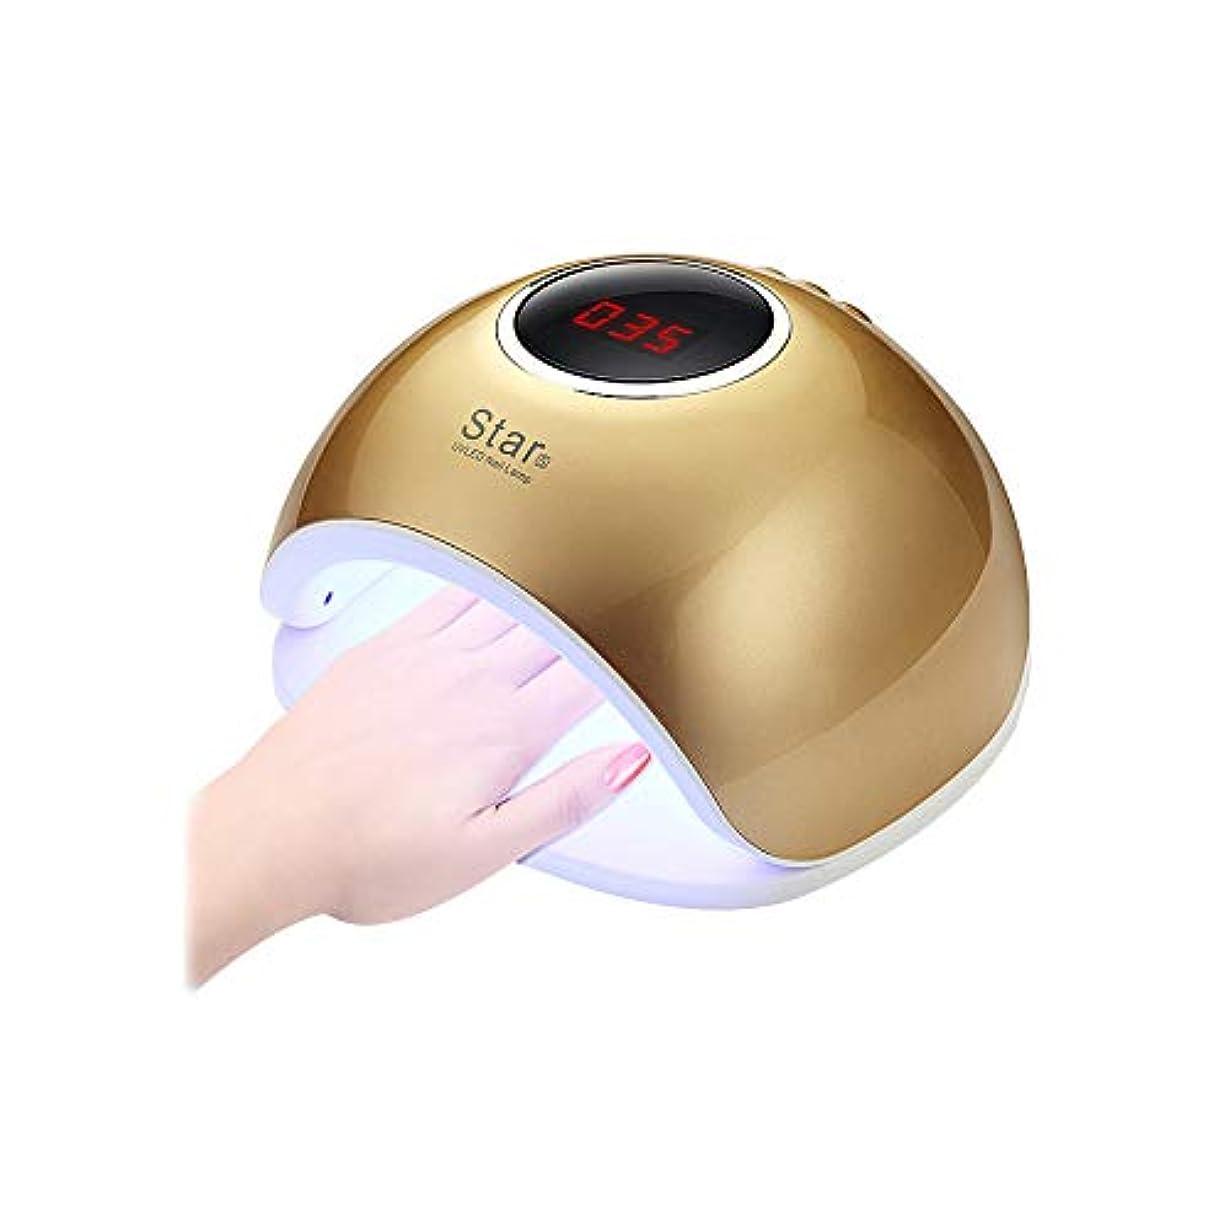 指高齢者バリーLEDディスプレイ72Wインテリジェント誘導無痛速乾性光線療法ランプネイルポリッシュグルーライト速乾性ドライヤーネイルポリッシュUVランプ